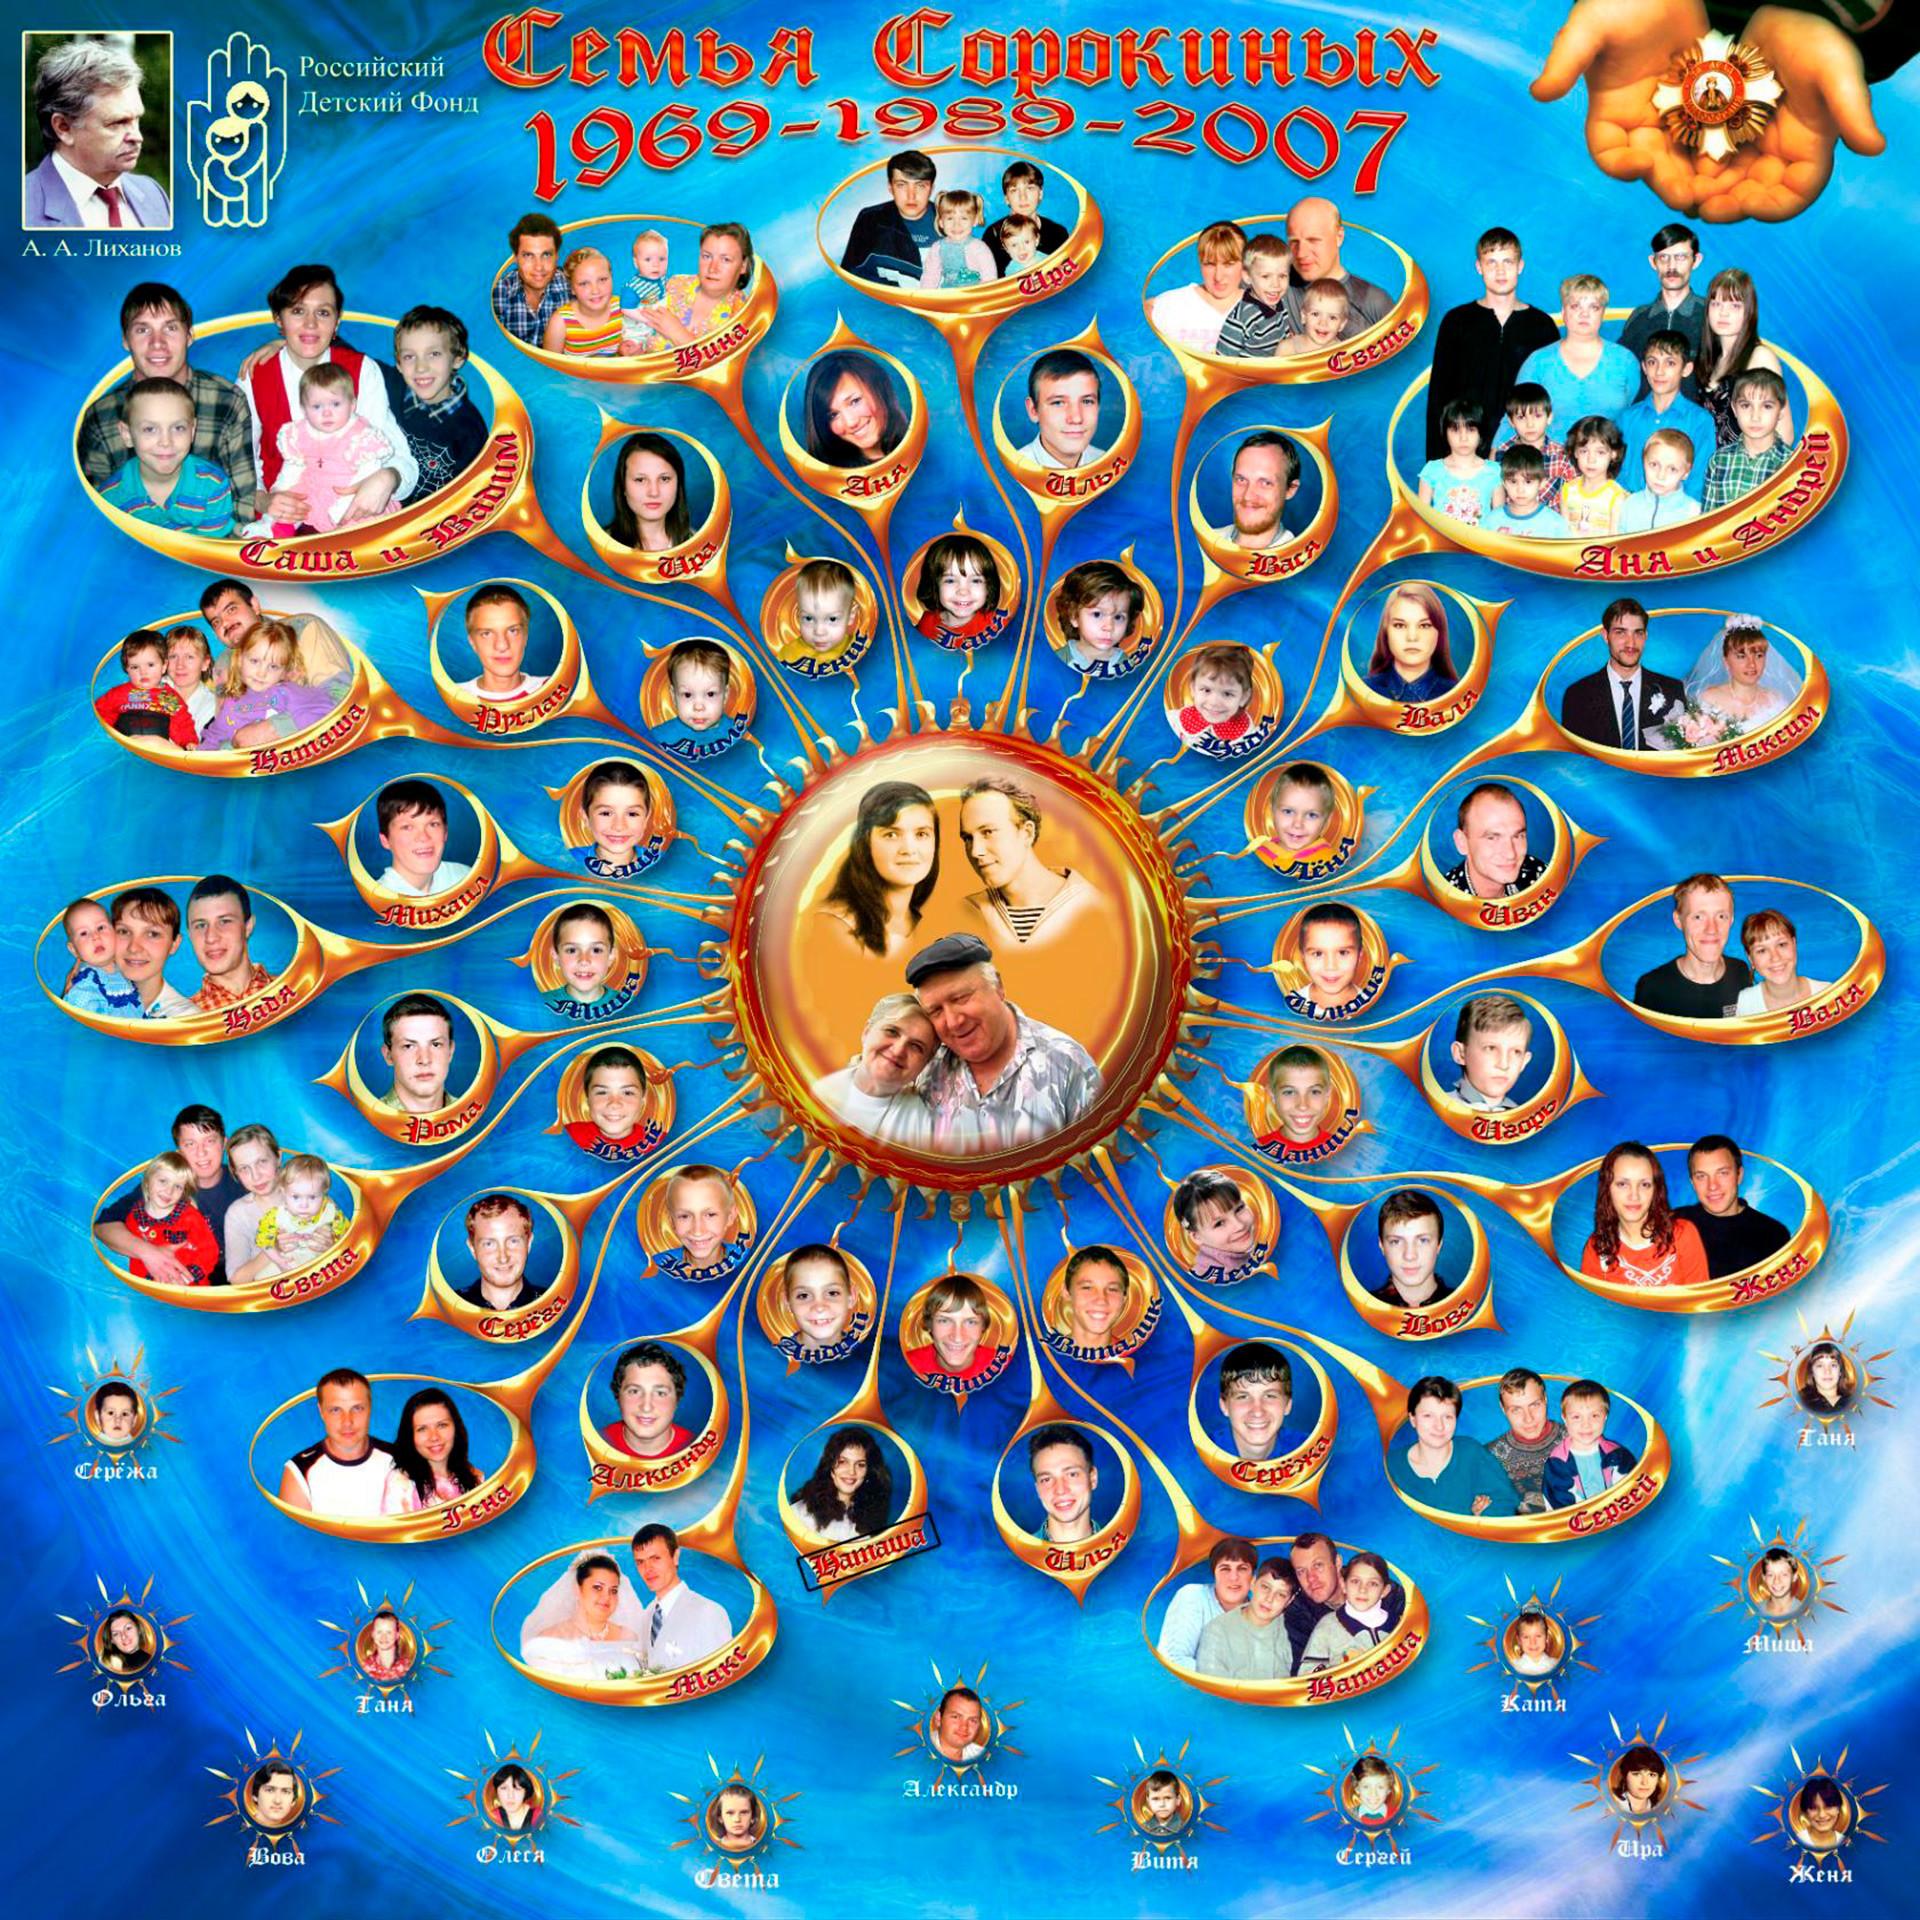 The family tree (1969-2007)